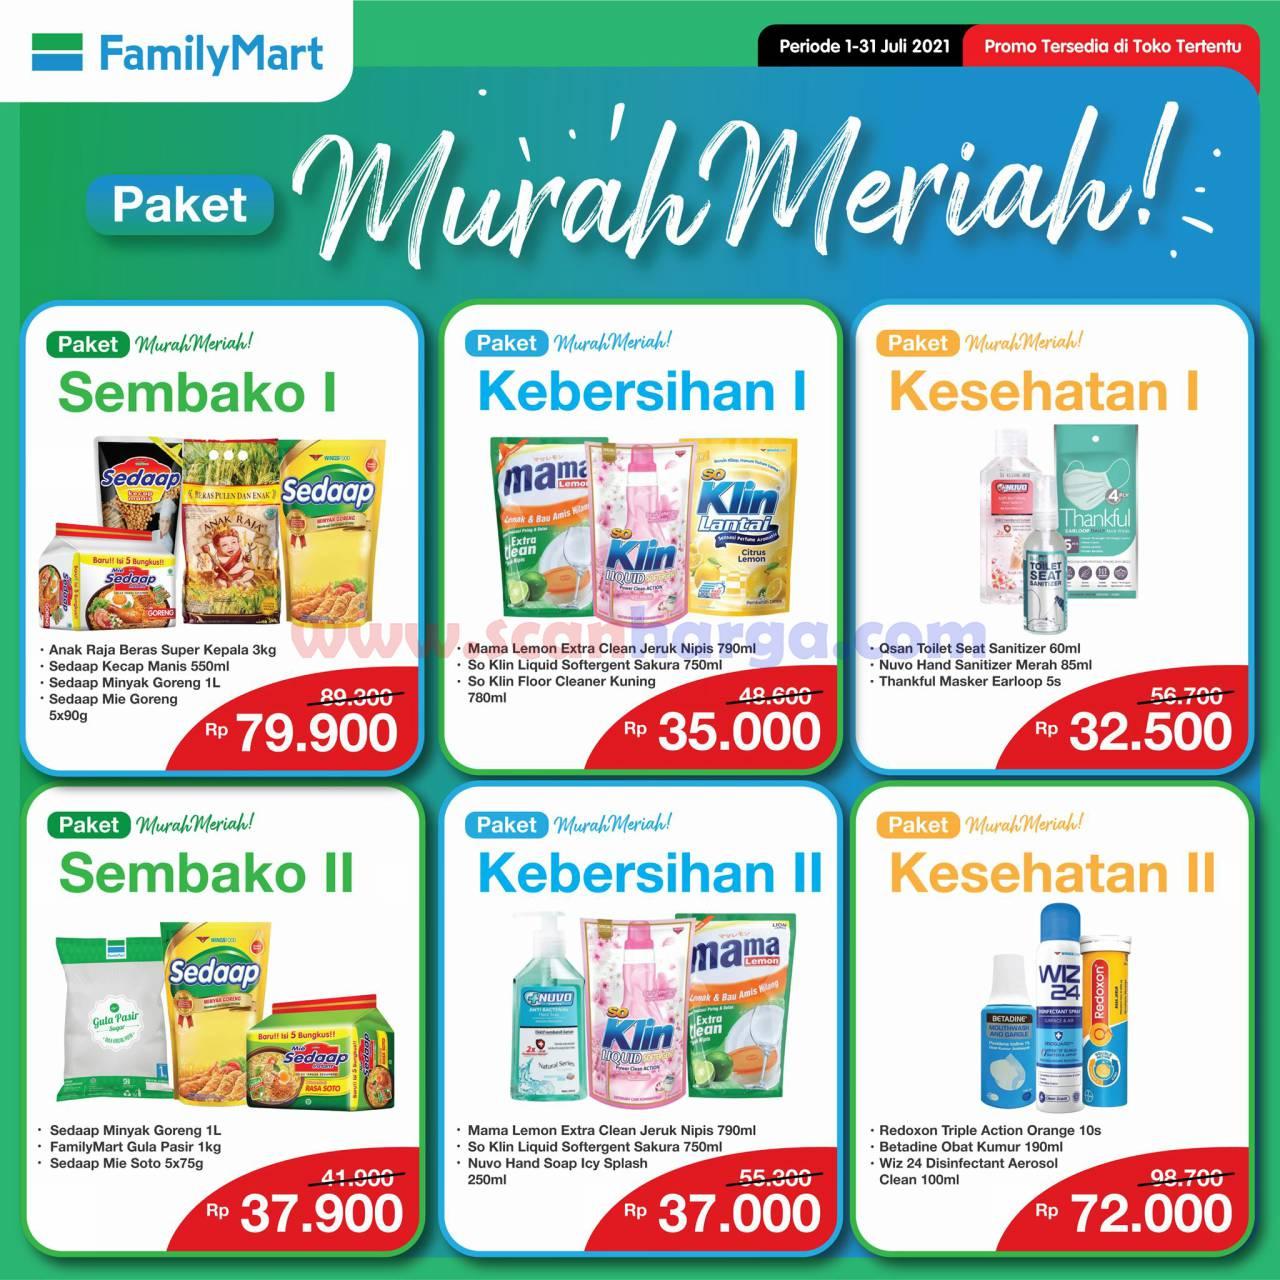 FAMILYMART Promo PAKET MURAH MERIAH Periode 1 – 31 Juli 2021